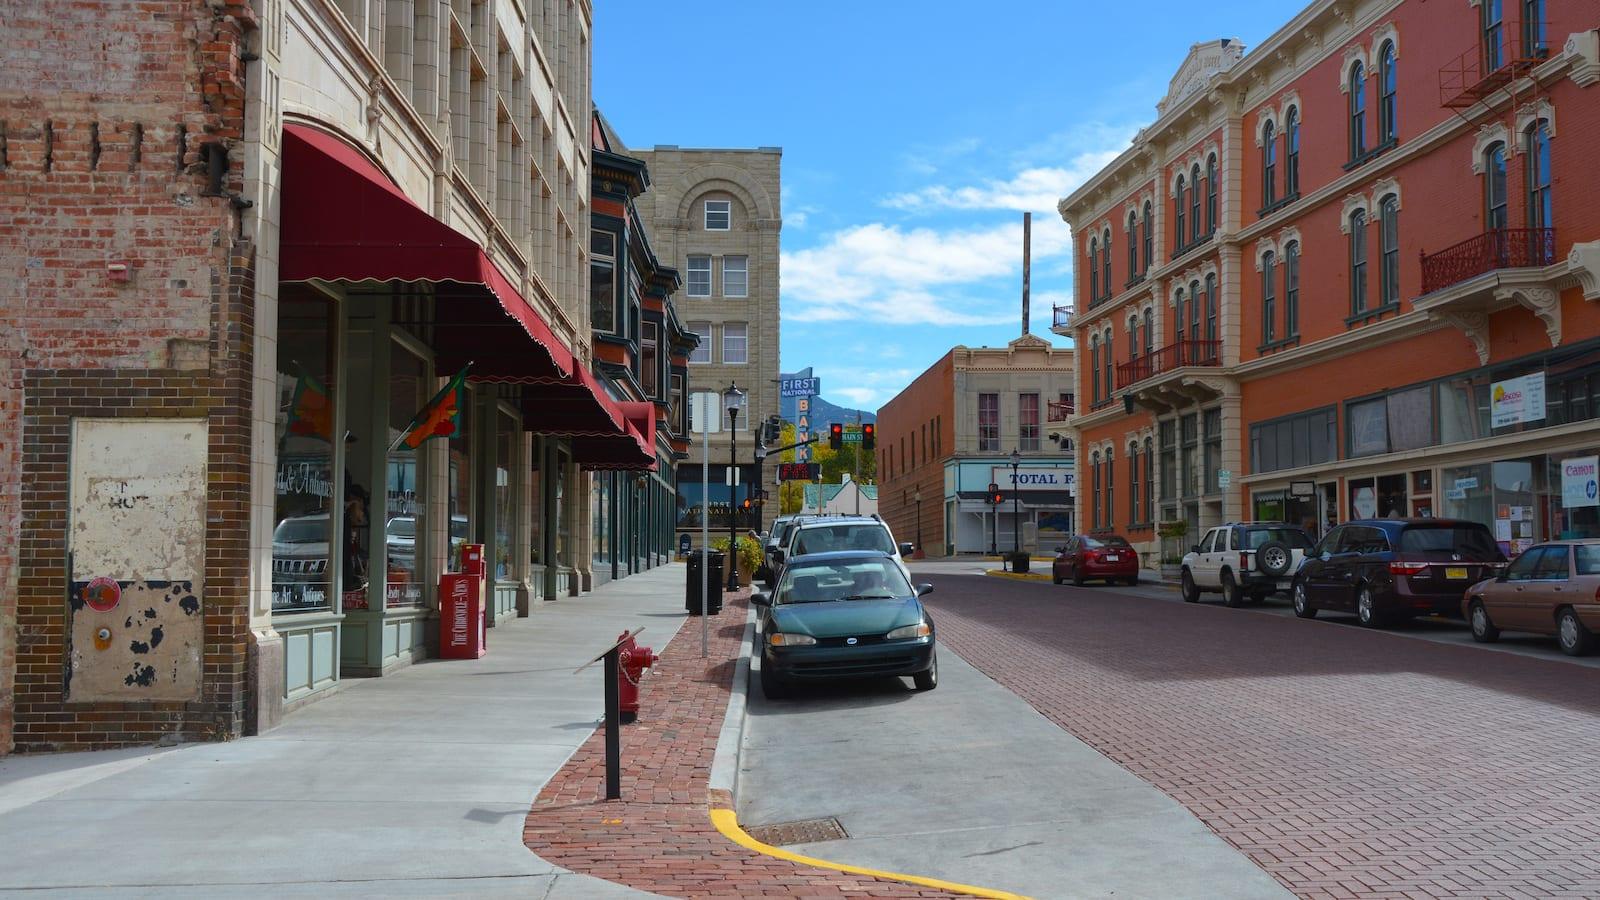 Trinidad Colorado Historic Downtown